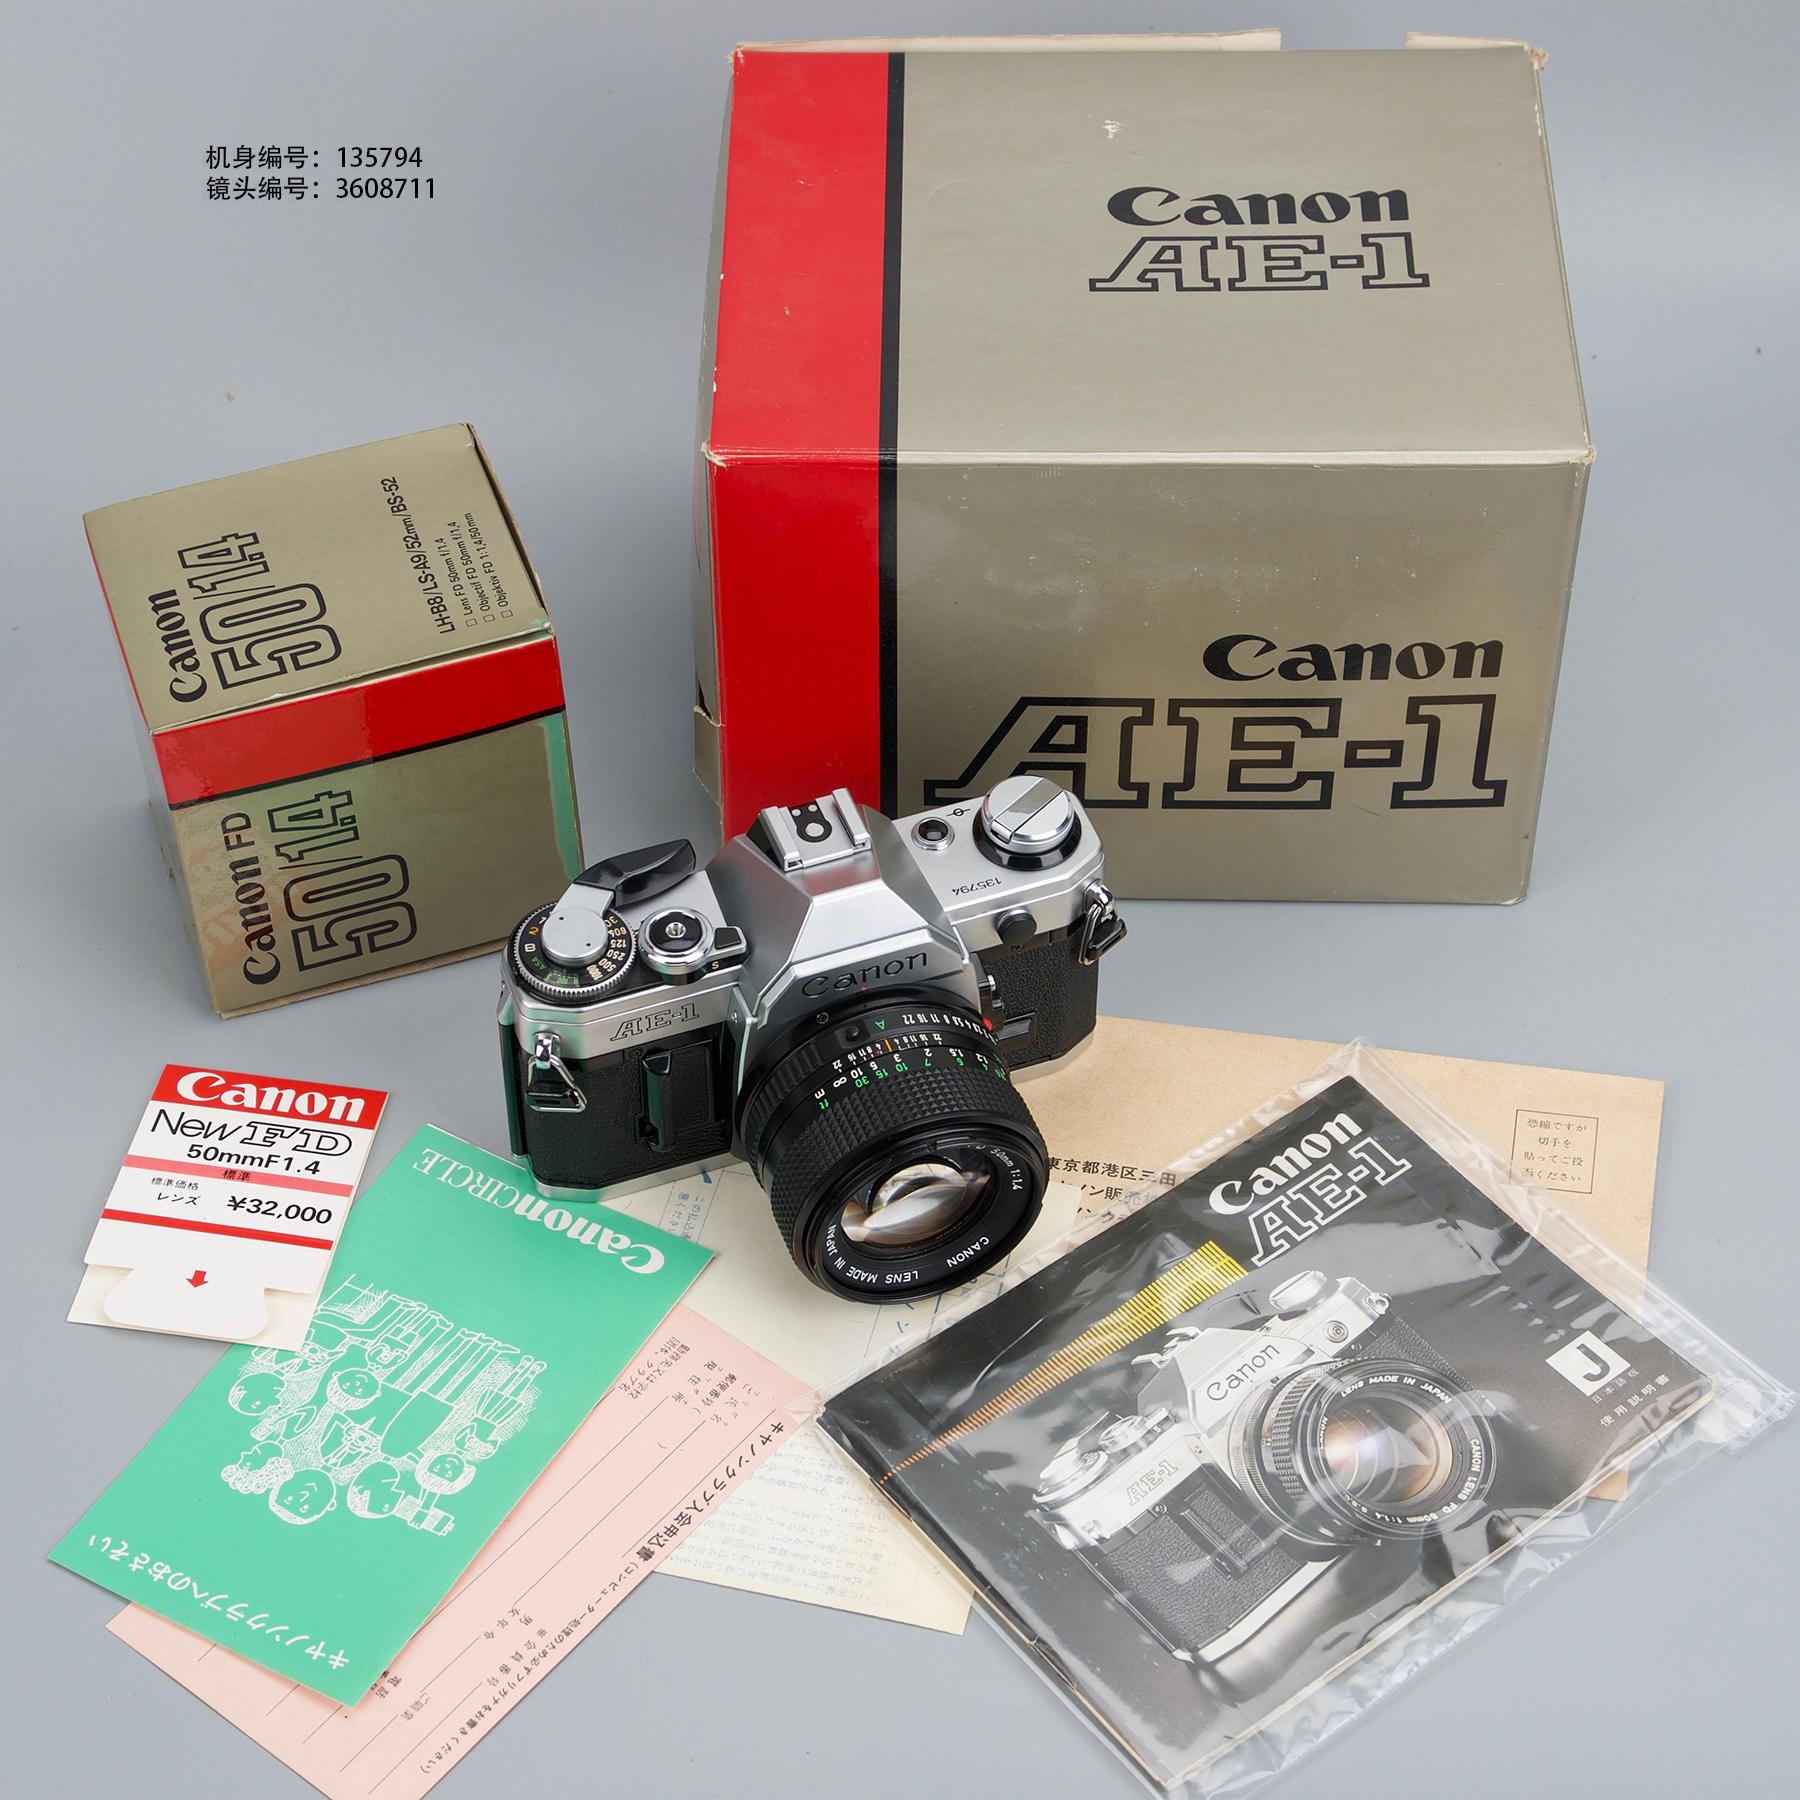 日本はキヤノンCanon AE-1フィルム一眼レフカメラと50 mm F 1.4/1.8レンズセットを輸入します。